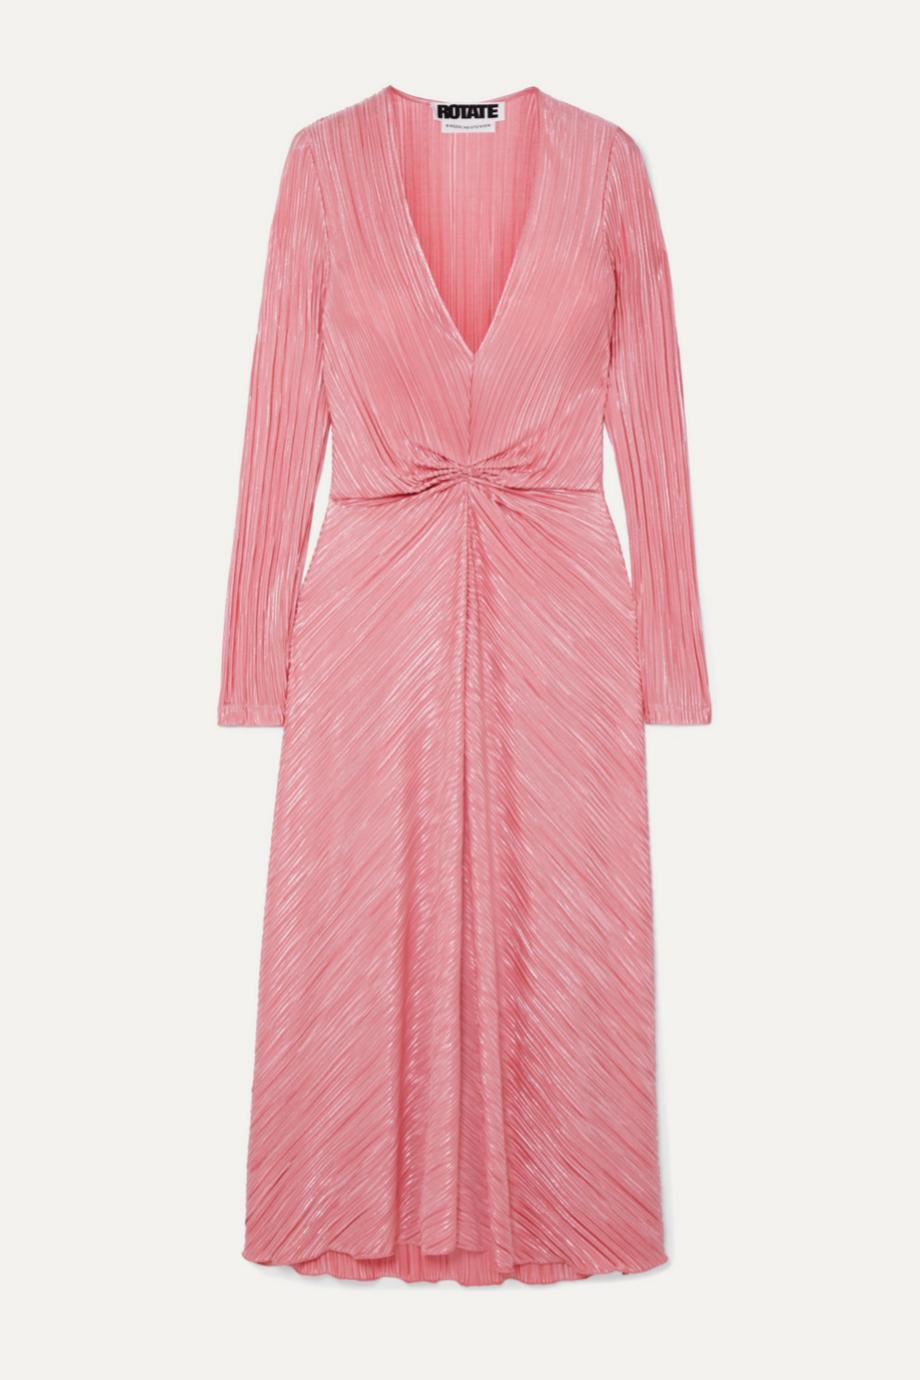 Vestido rosa con hilo metalizado de Rotate Birger Christensen para Net a porter (140¤)